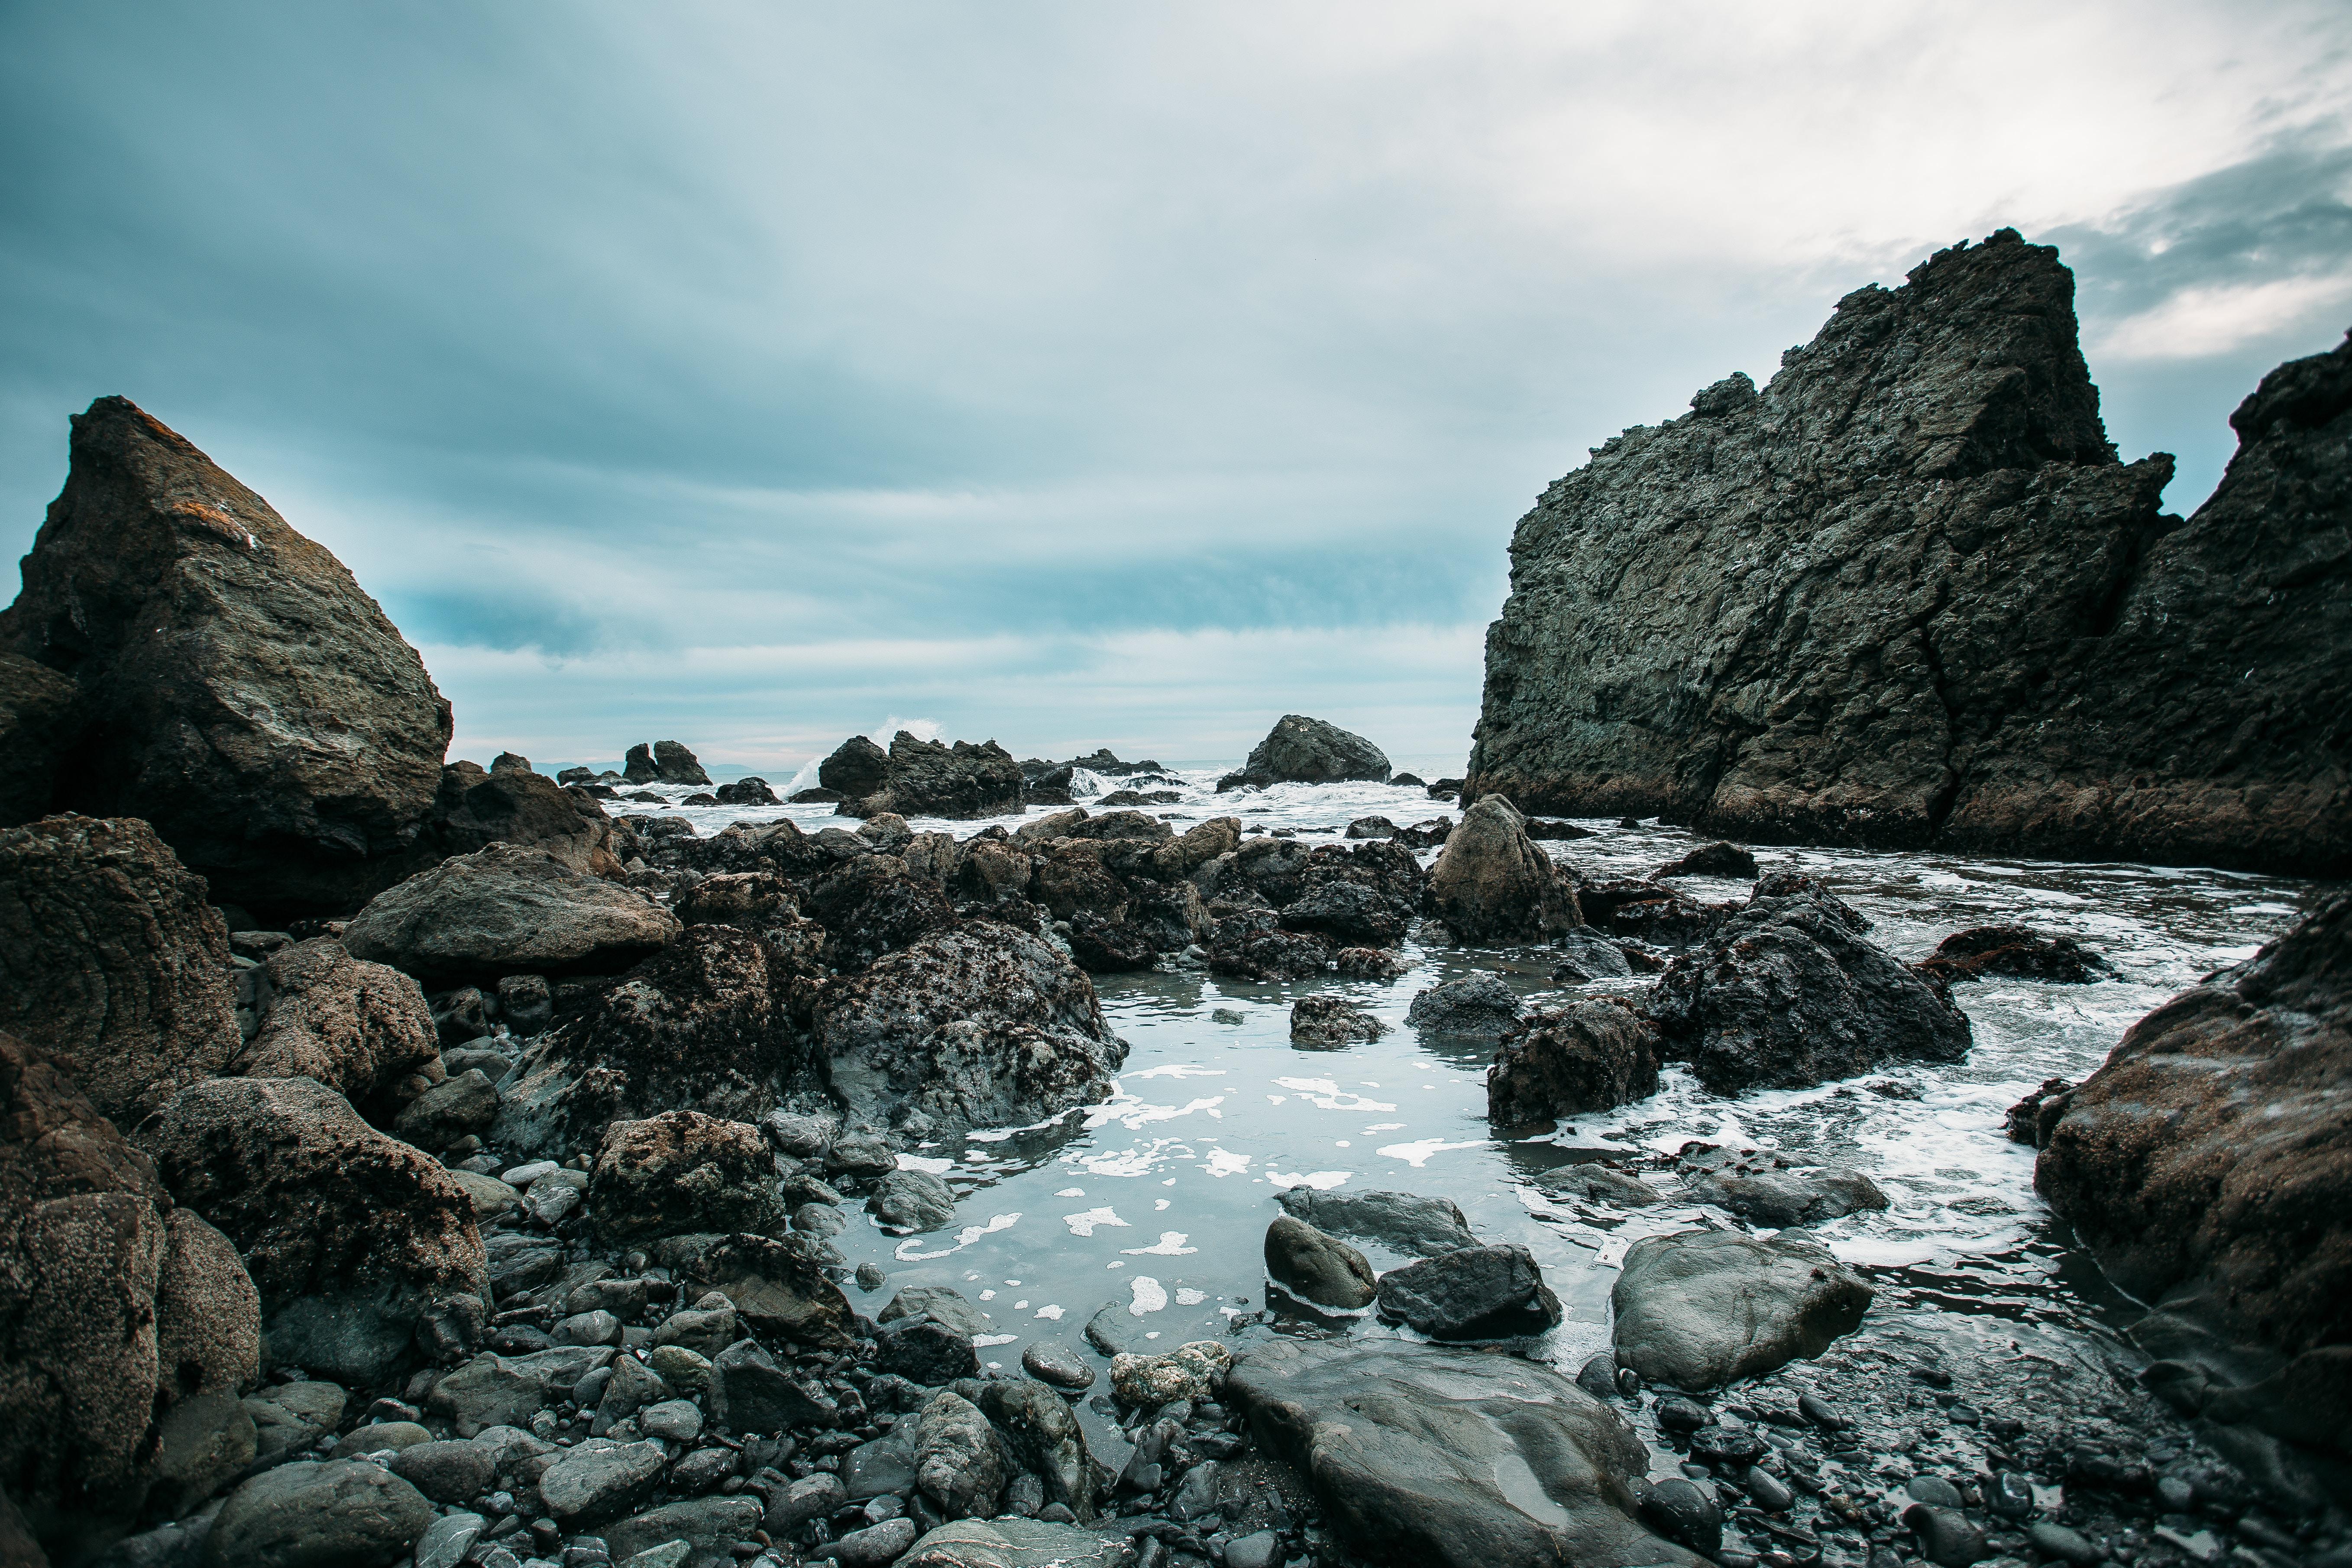 Rocky coastal lagoon at the Muir Beach